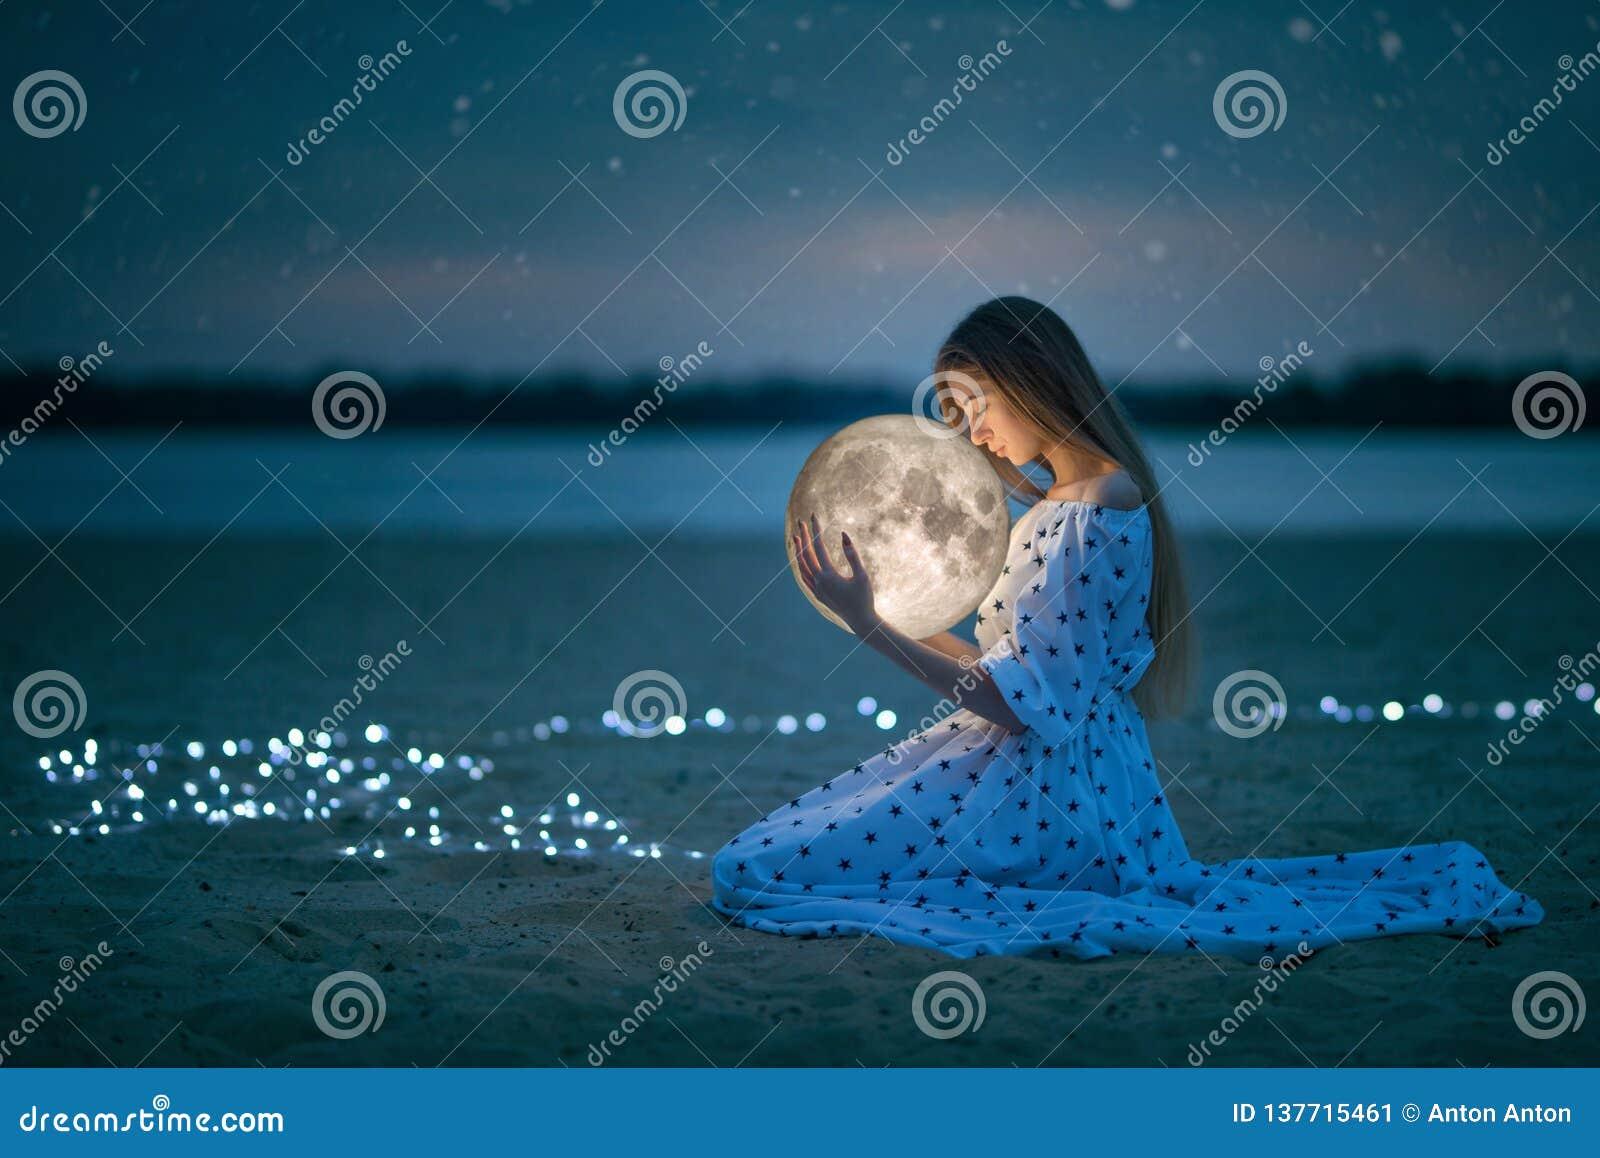 Piękna atrakcyjna dziewczyna na nocy plaży z piaskiem i gwiazdami ściska księżyc, Artystyczna fotografia